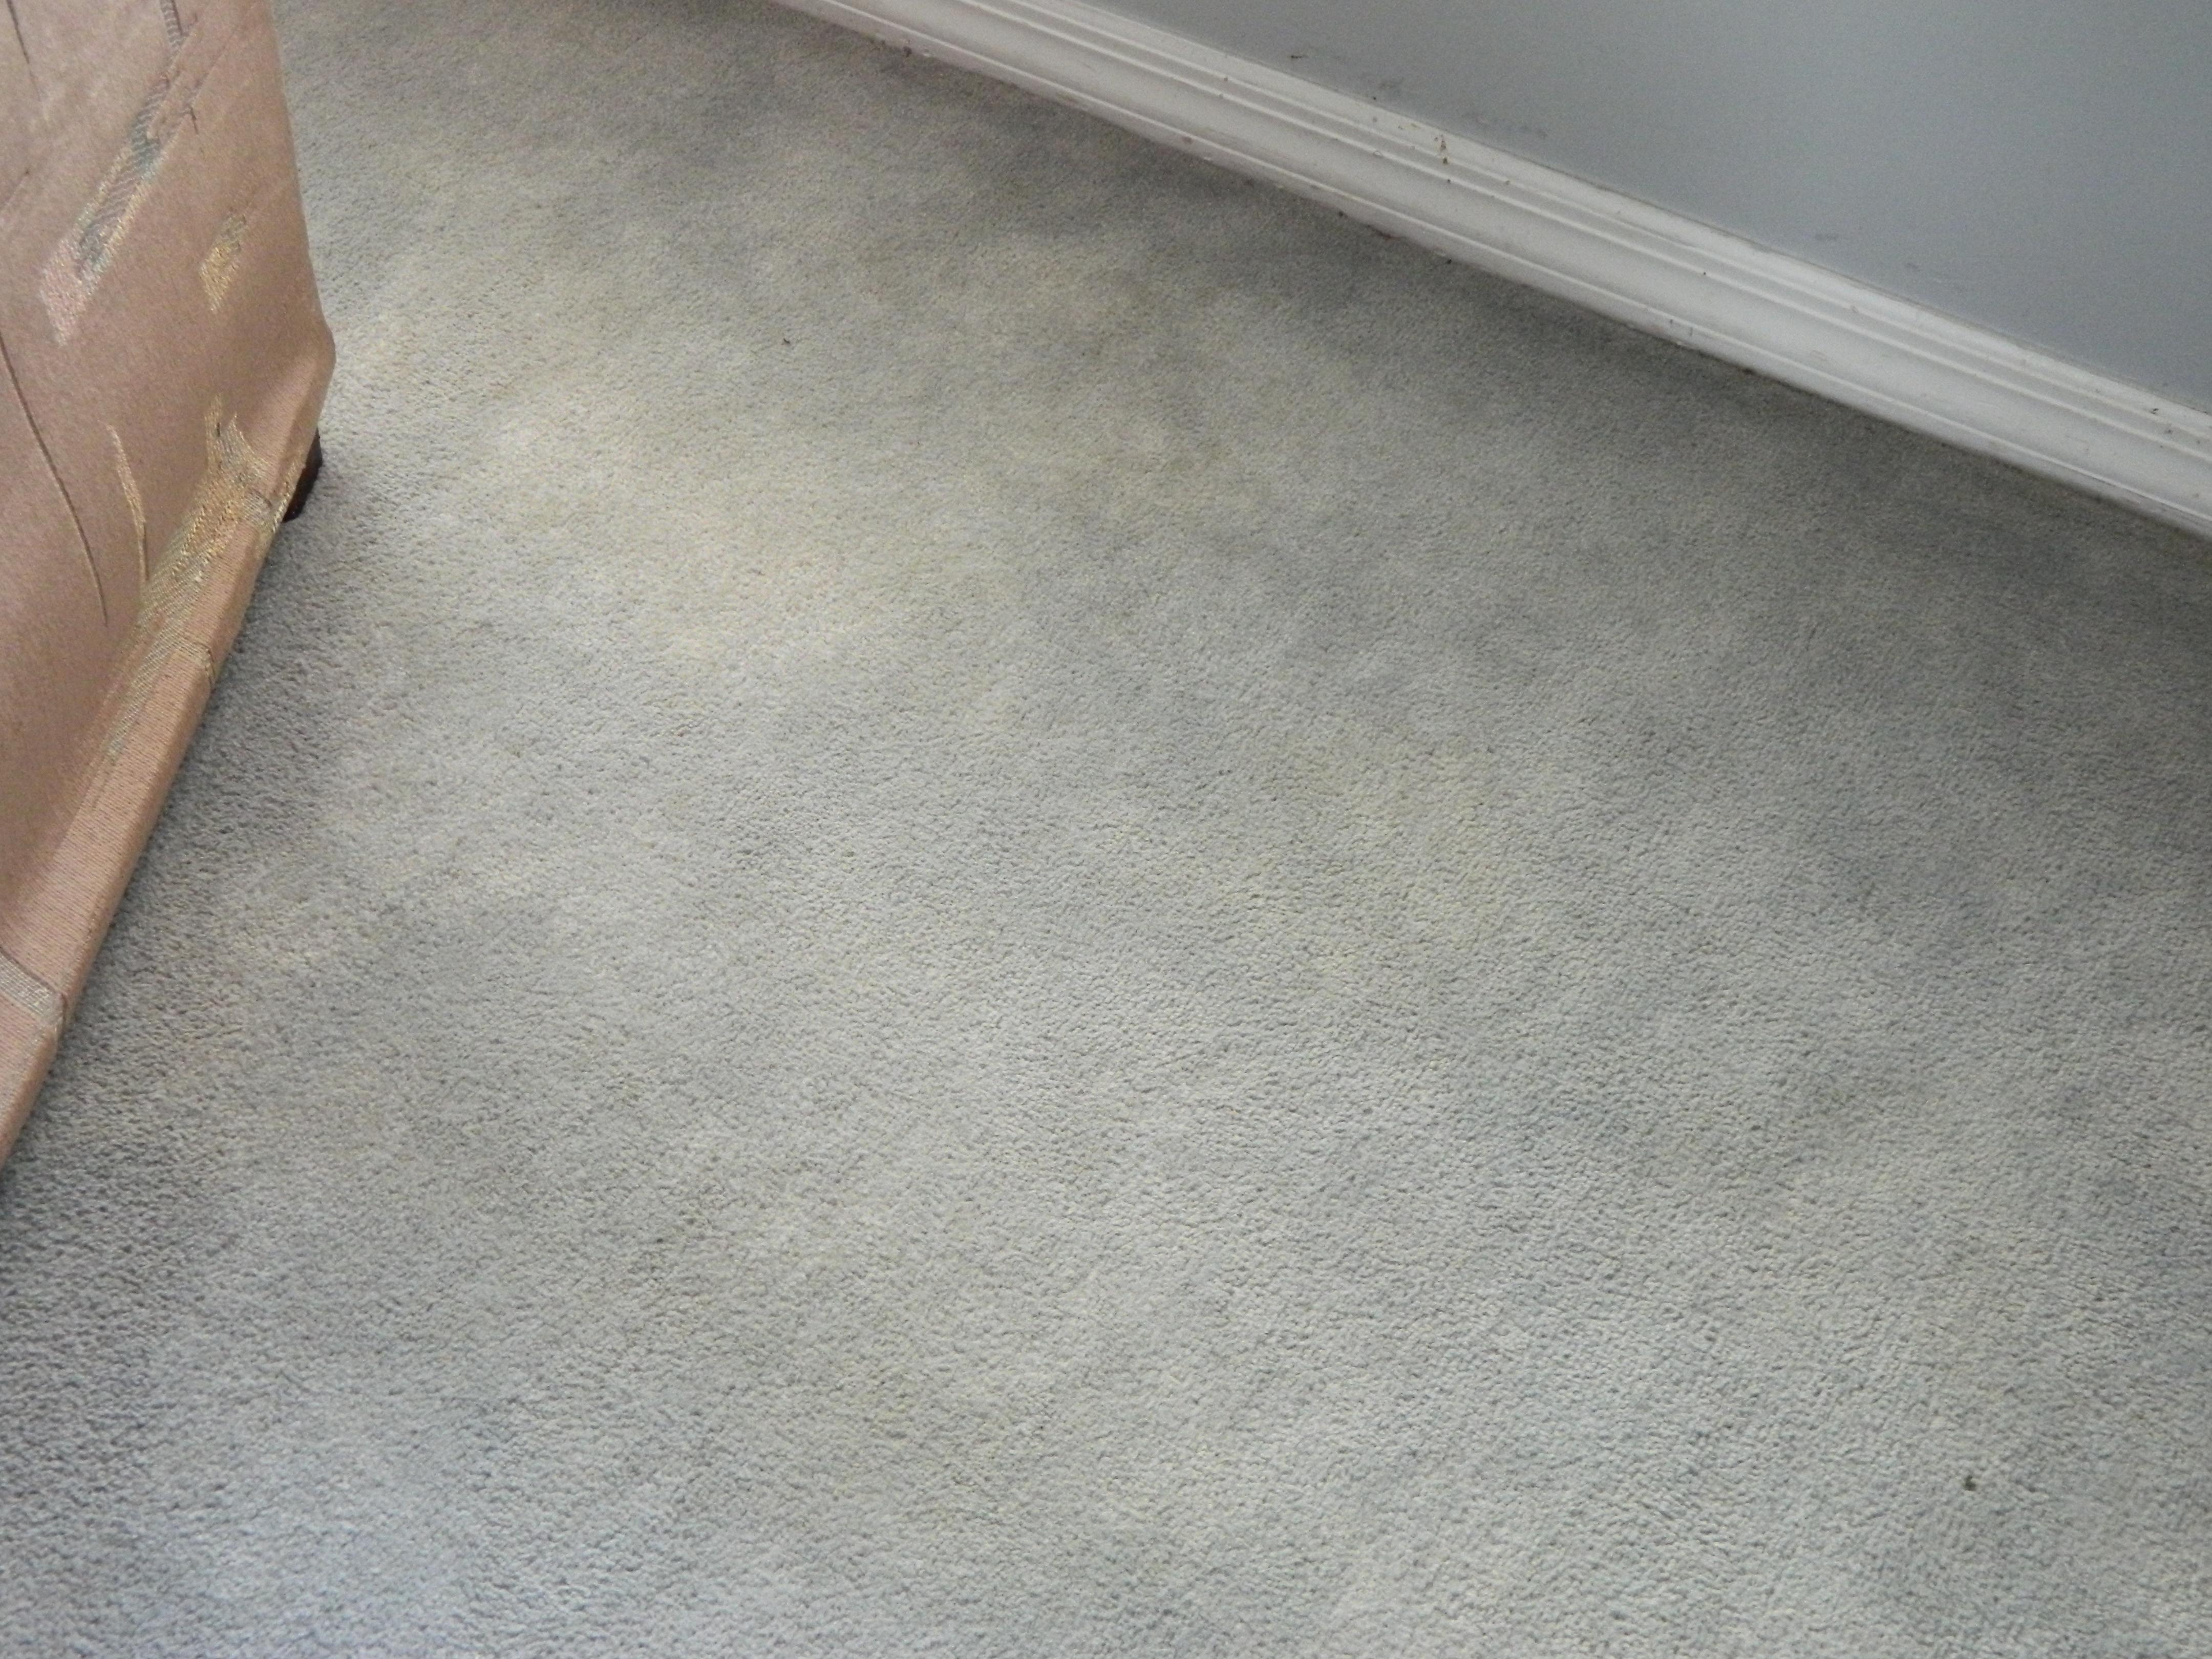 Allred S Performance Plus Carpet Tile Cleaning 4211 Ne 11th St Ocala Fl 34470 Yp Com